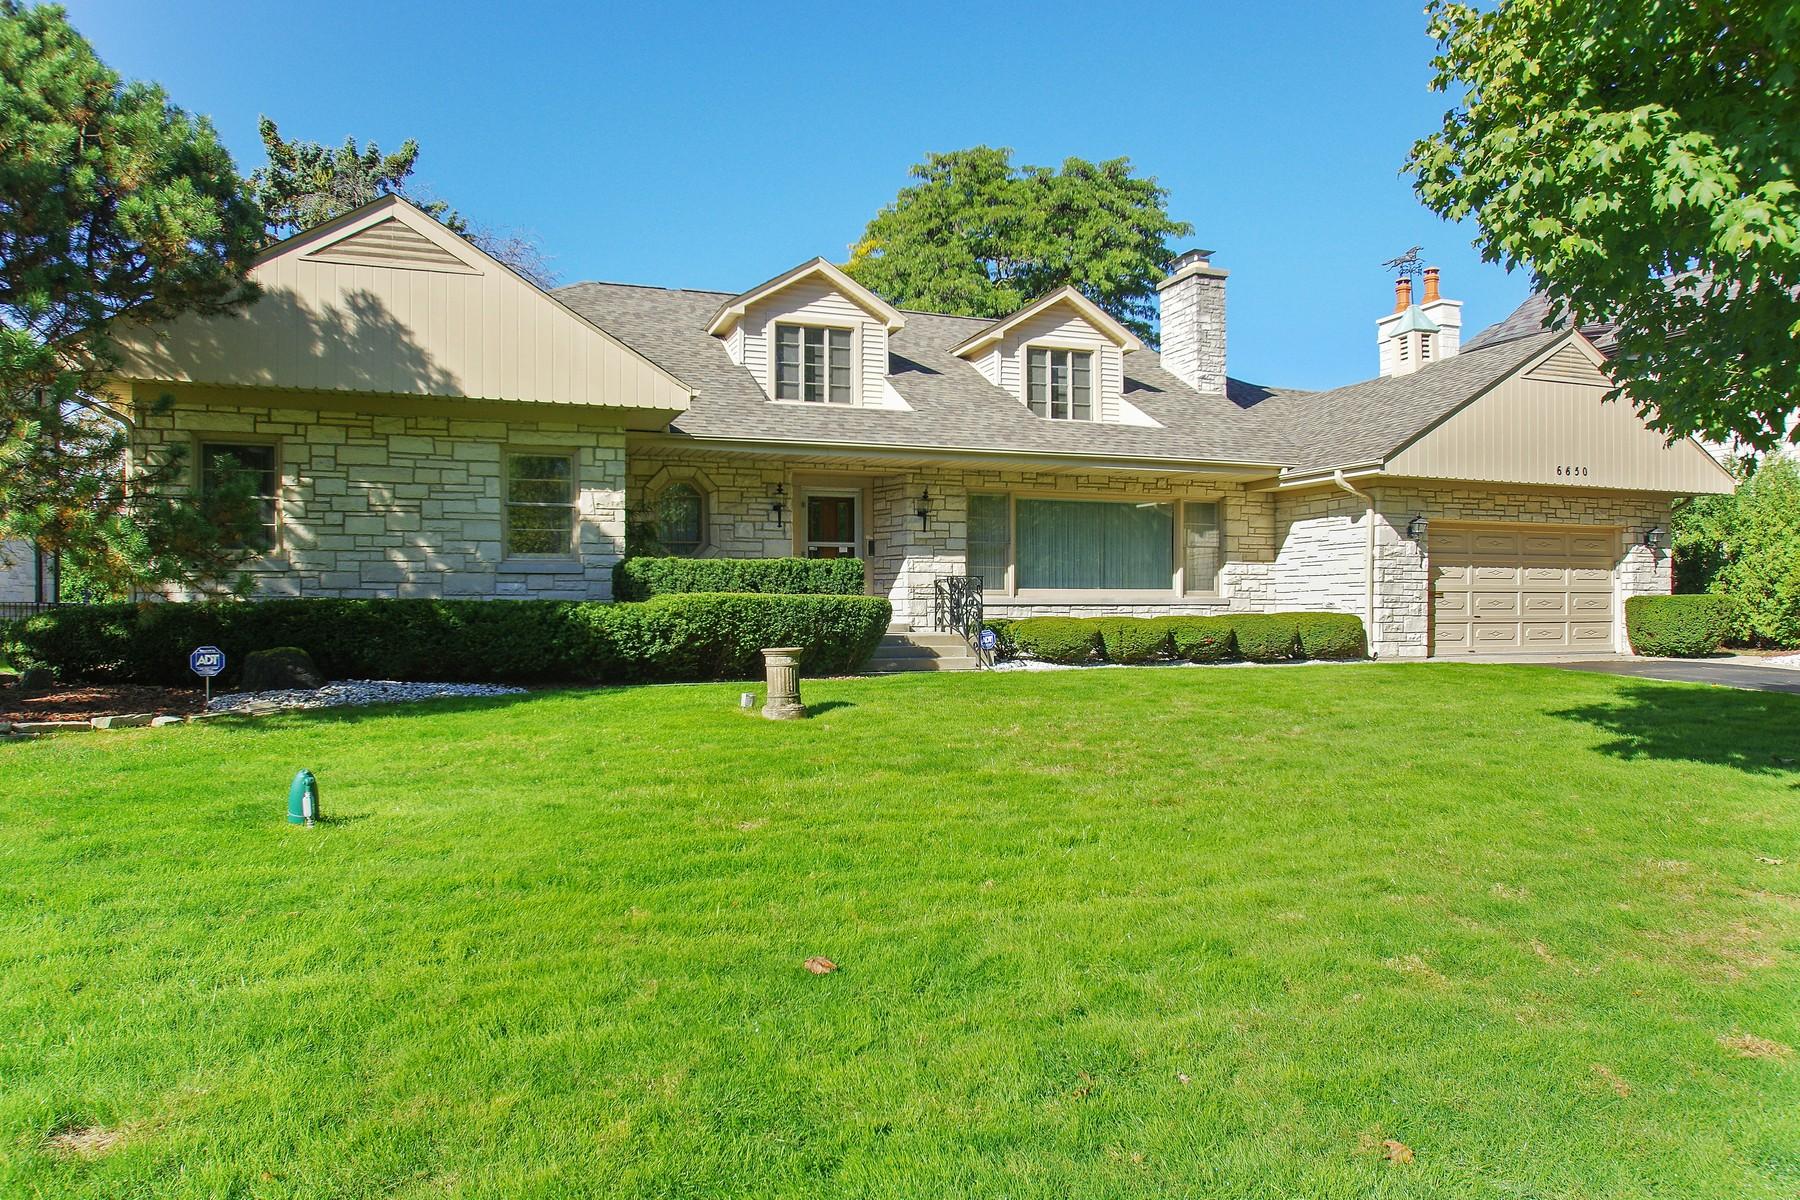 一戸建て のために 売買 アット Ranch Home in Lincolnwood Towers 6650 Navajo Avenue North Lincolnwood, イリノイ, 60712 アメリカ合衆国